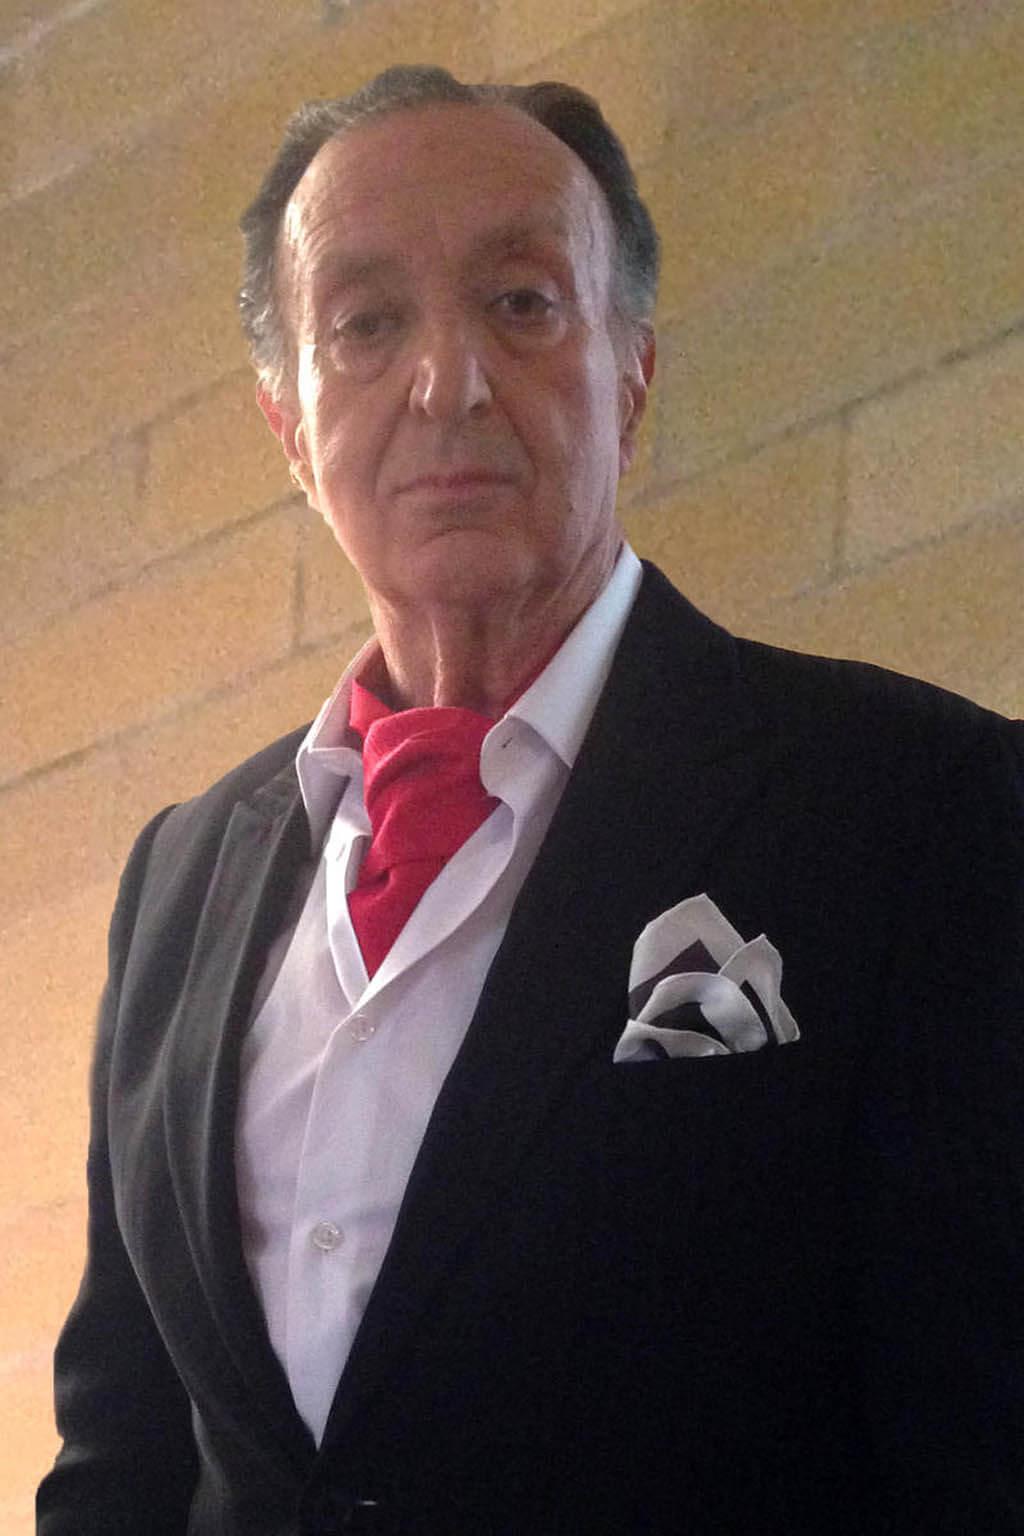 Bernard Uzan, ancien directeur général et artistique de l'Opéra de Montréal, est ciblé dans une enquête du Washington Post sur le harcèlement sexuel. (Photo: Uzan International Arts